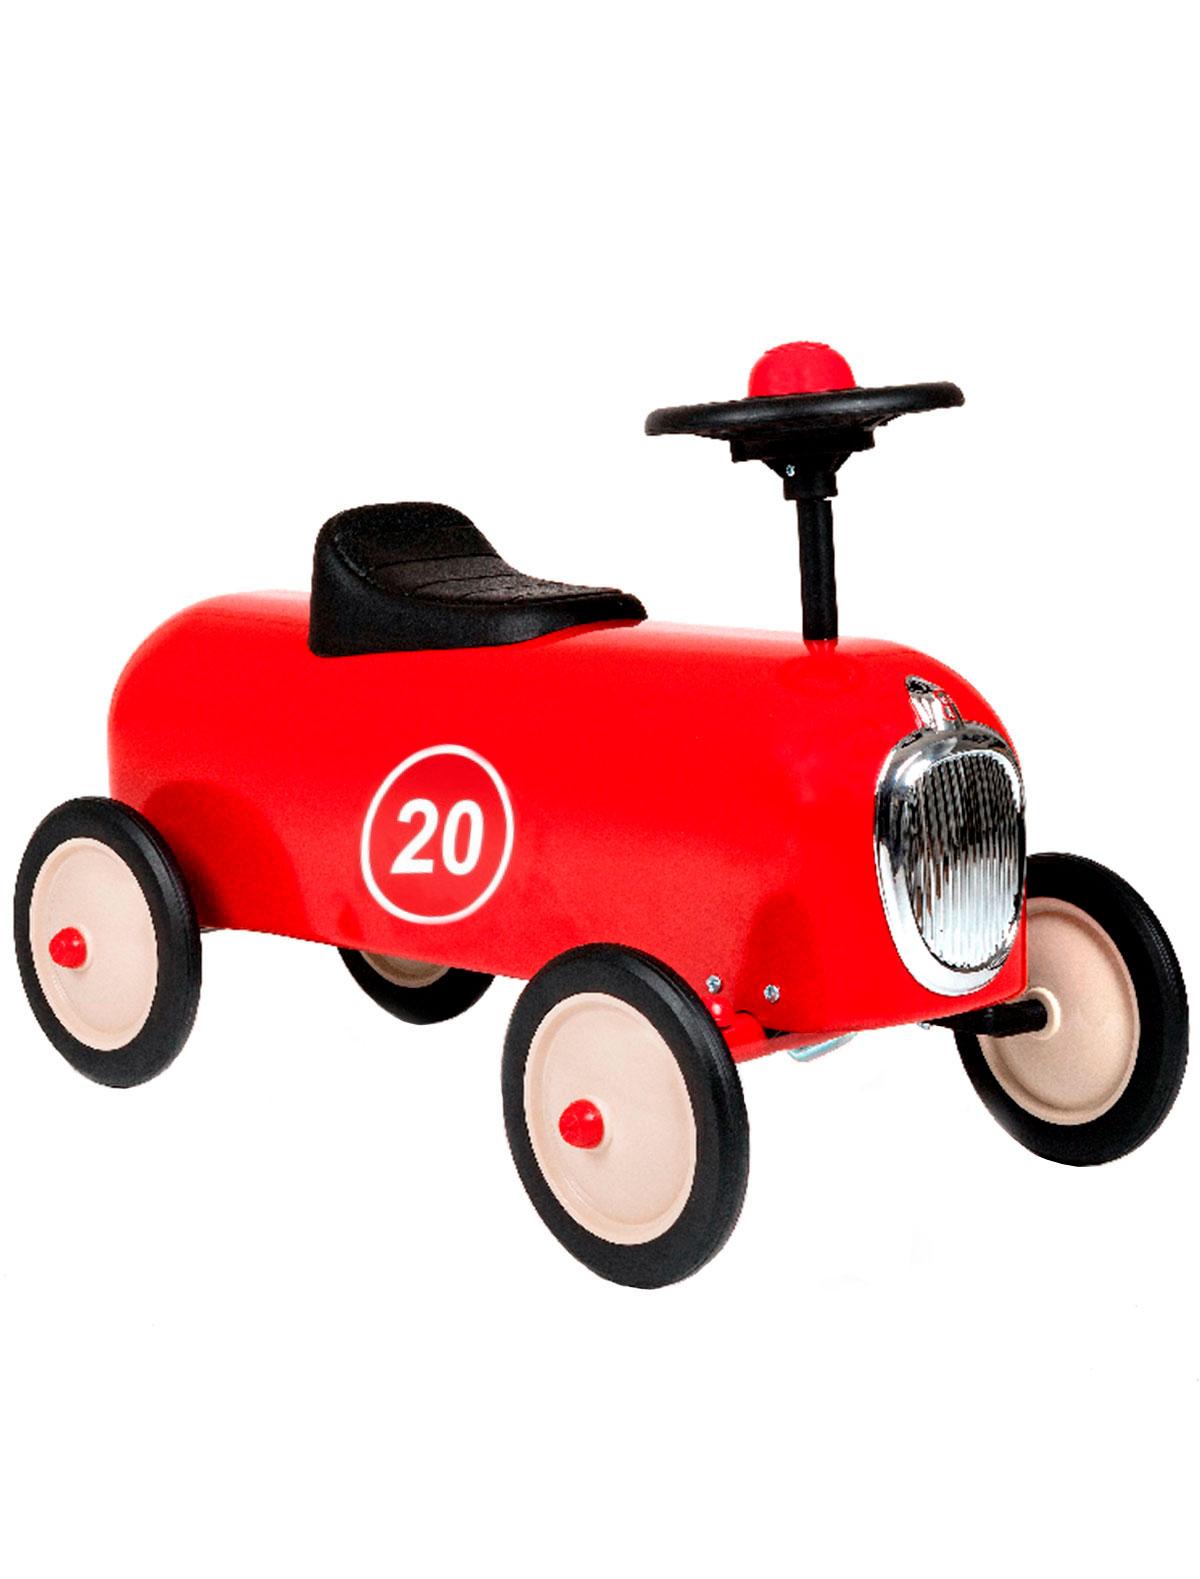 Купить 2202586, Машинка детская Baghera, красный, 7681320070015